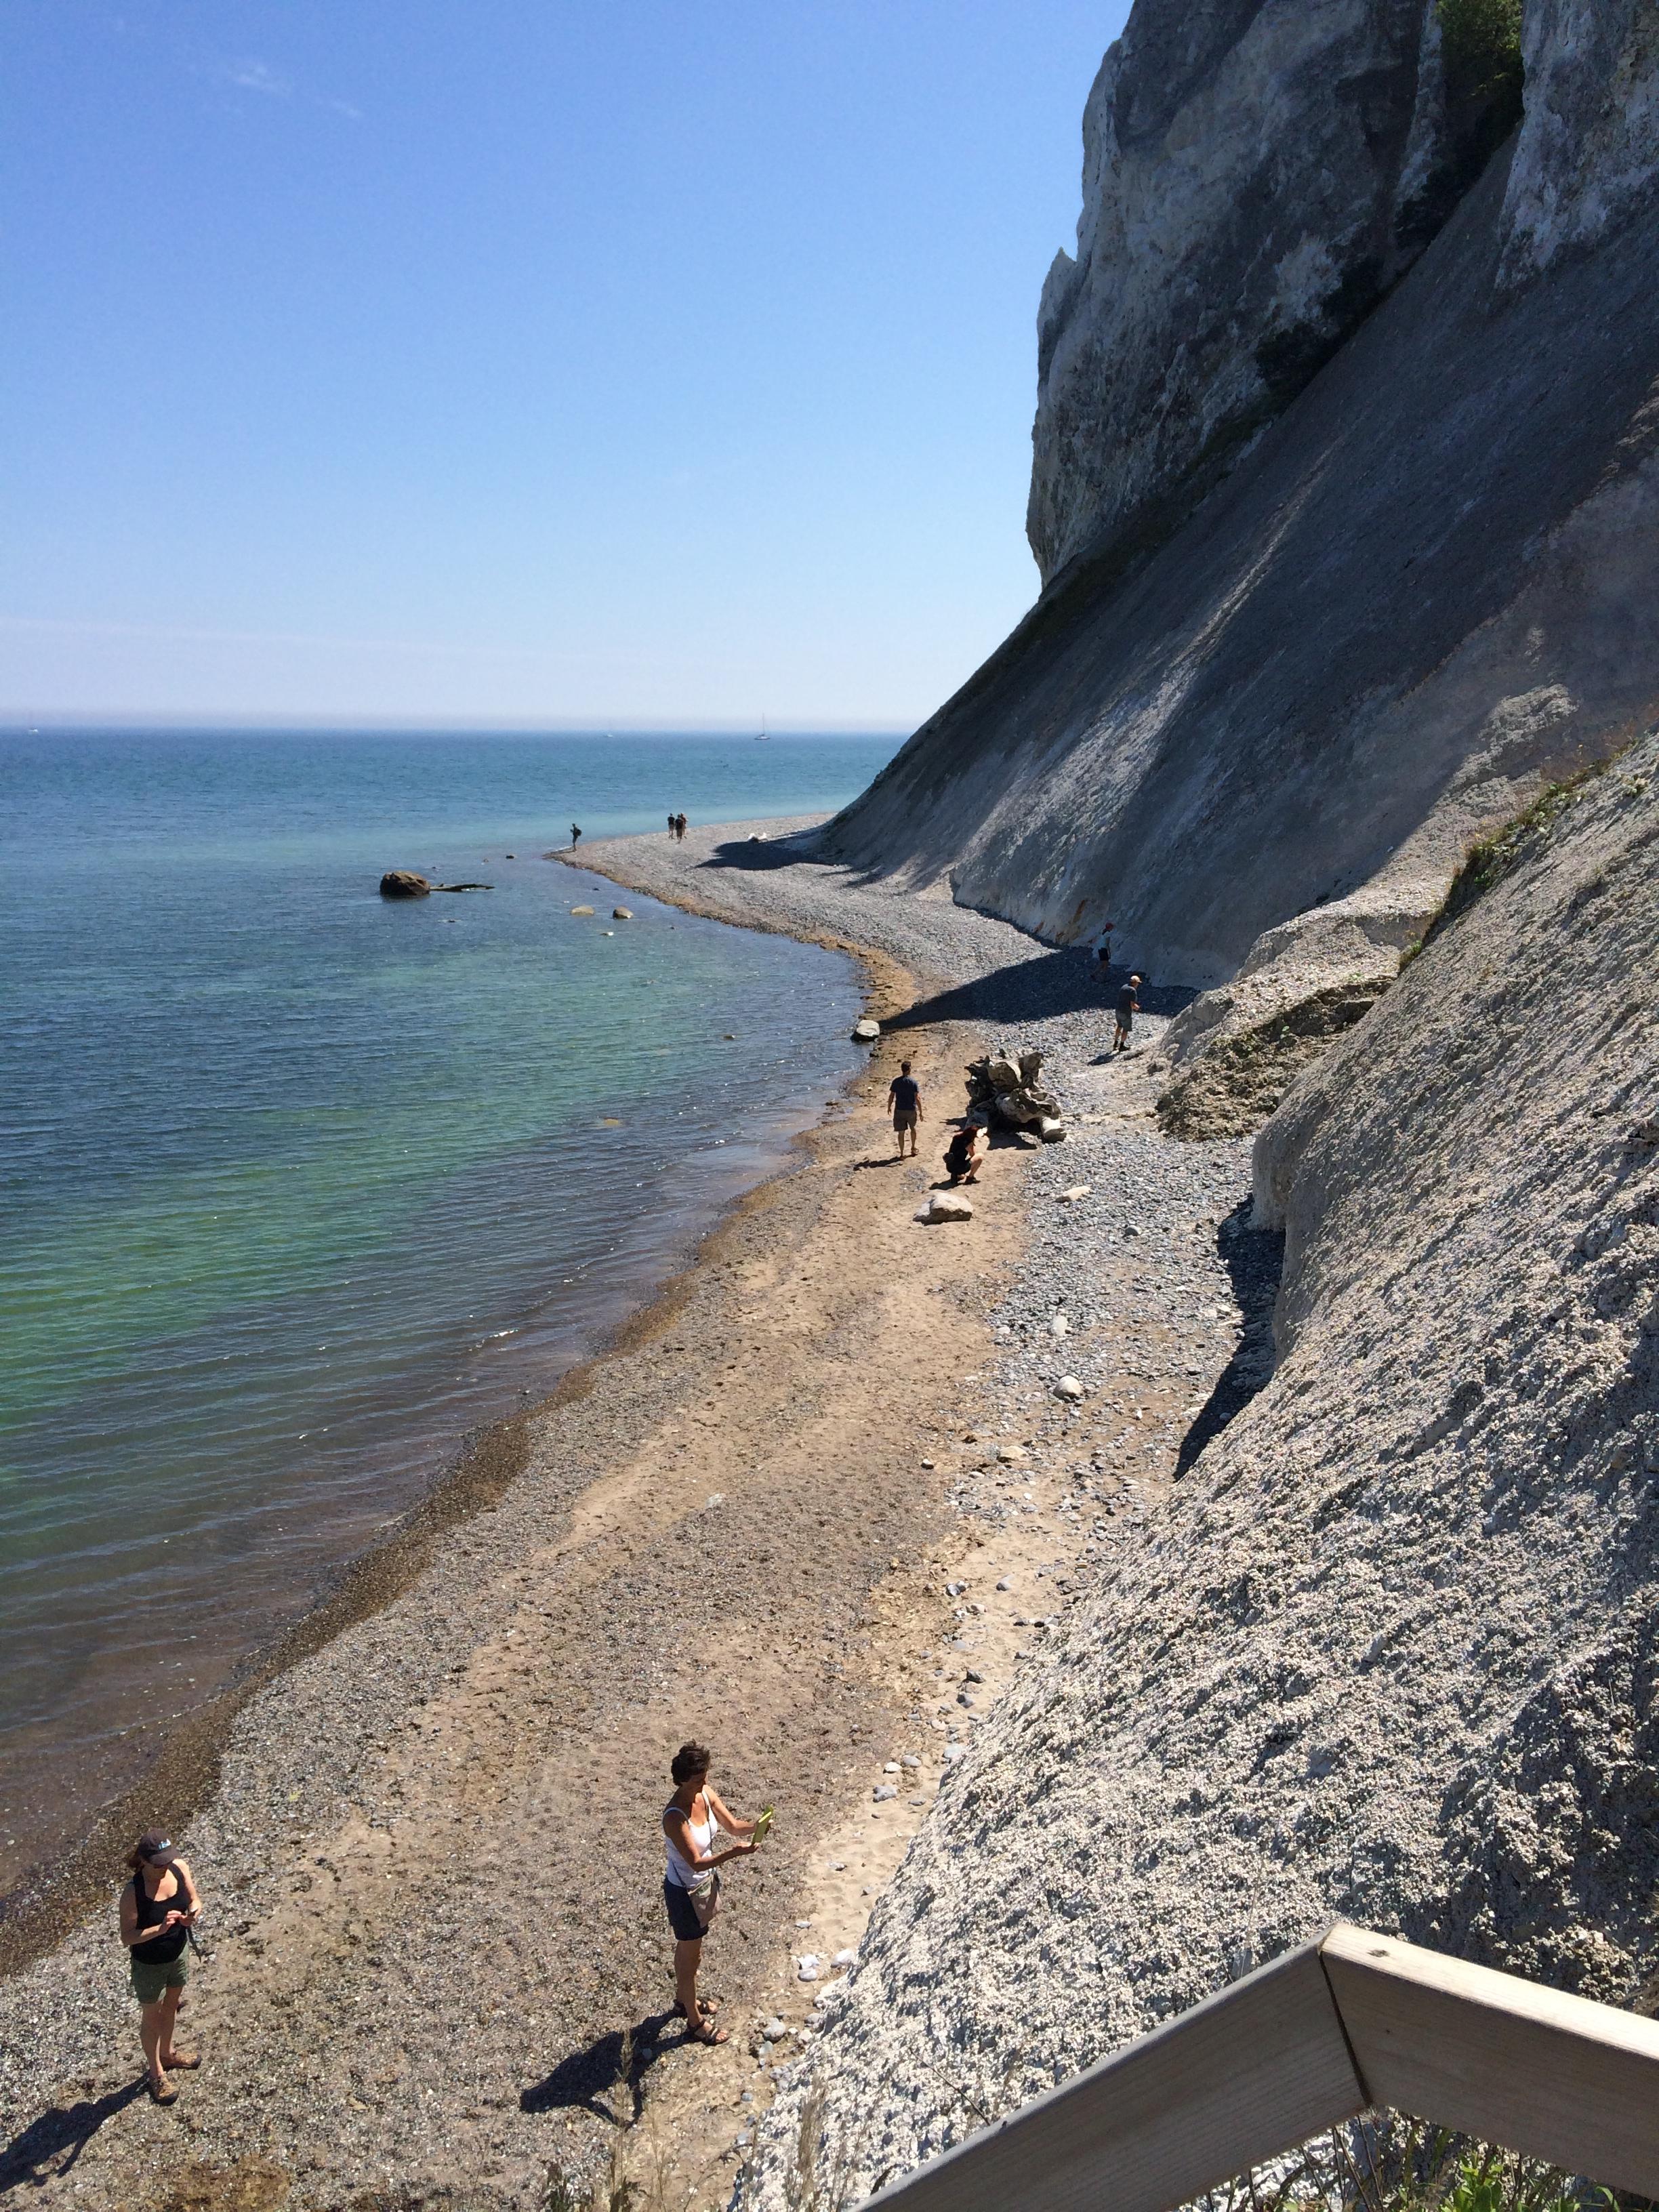 Mon_s cliff.jpg